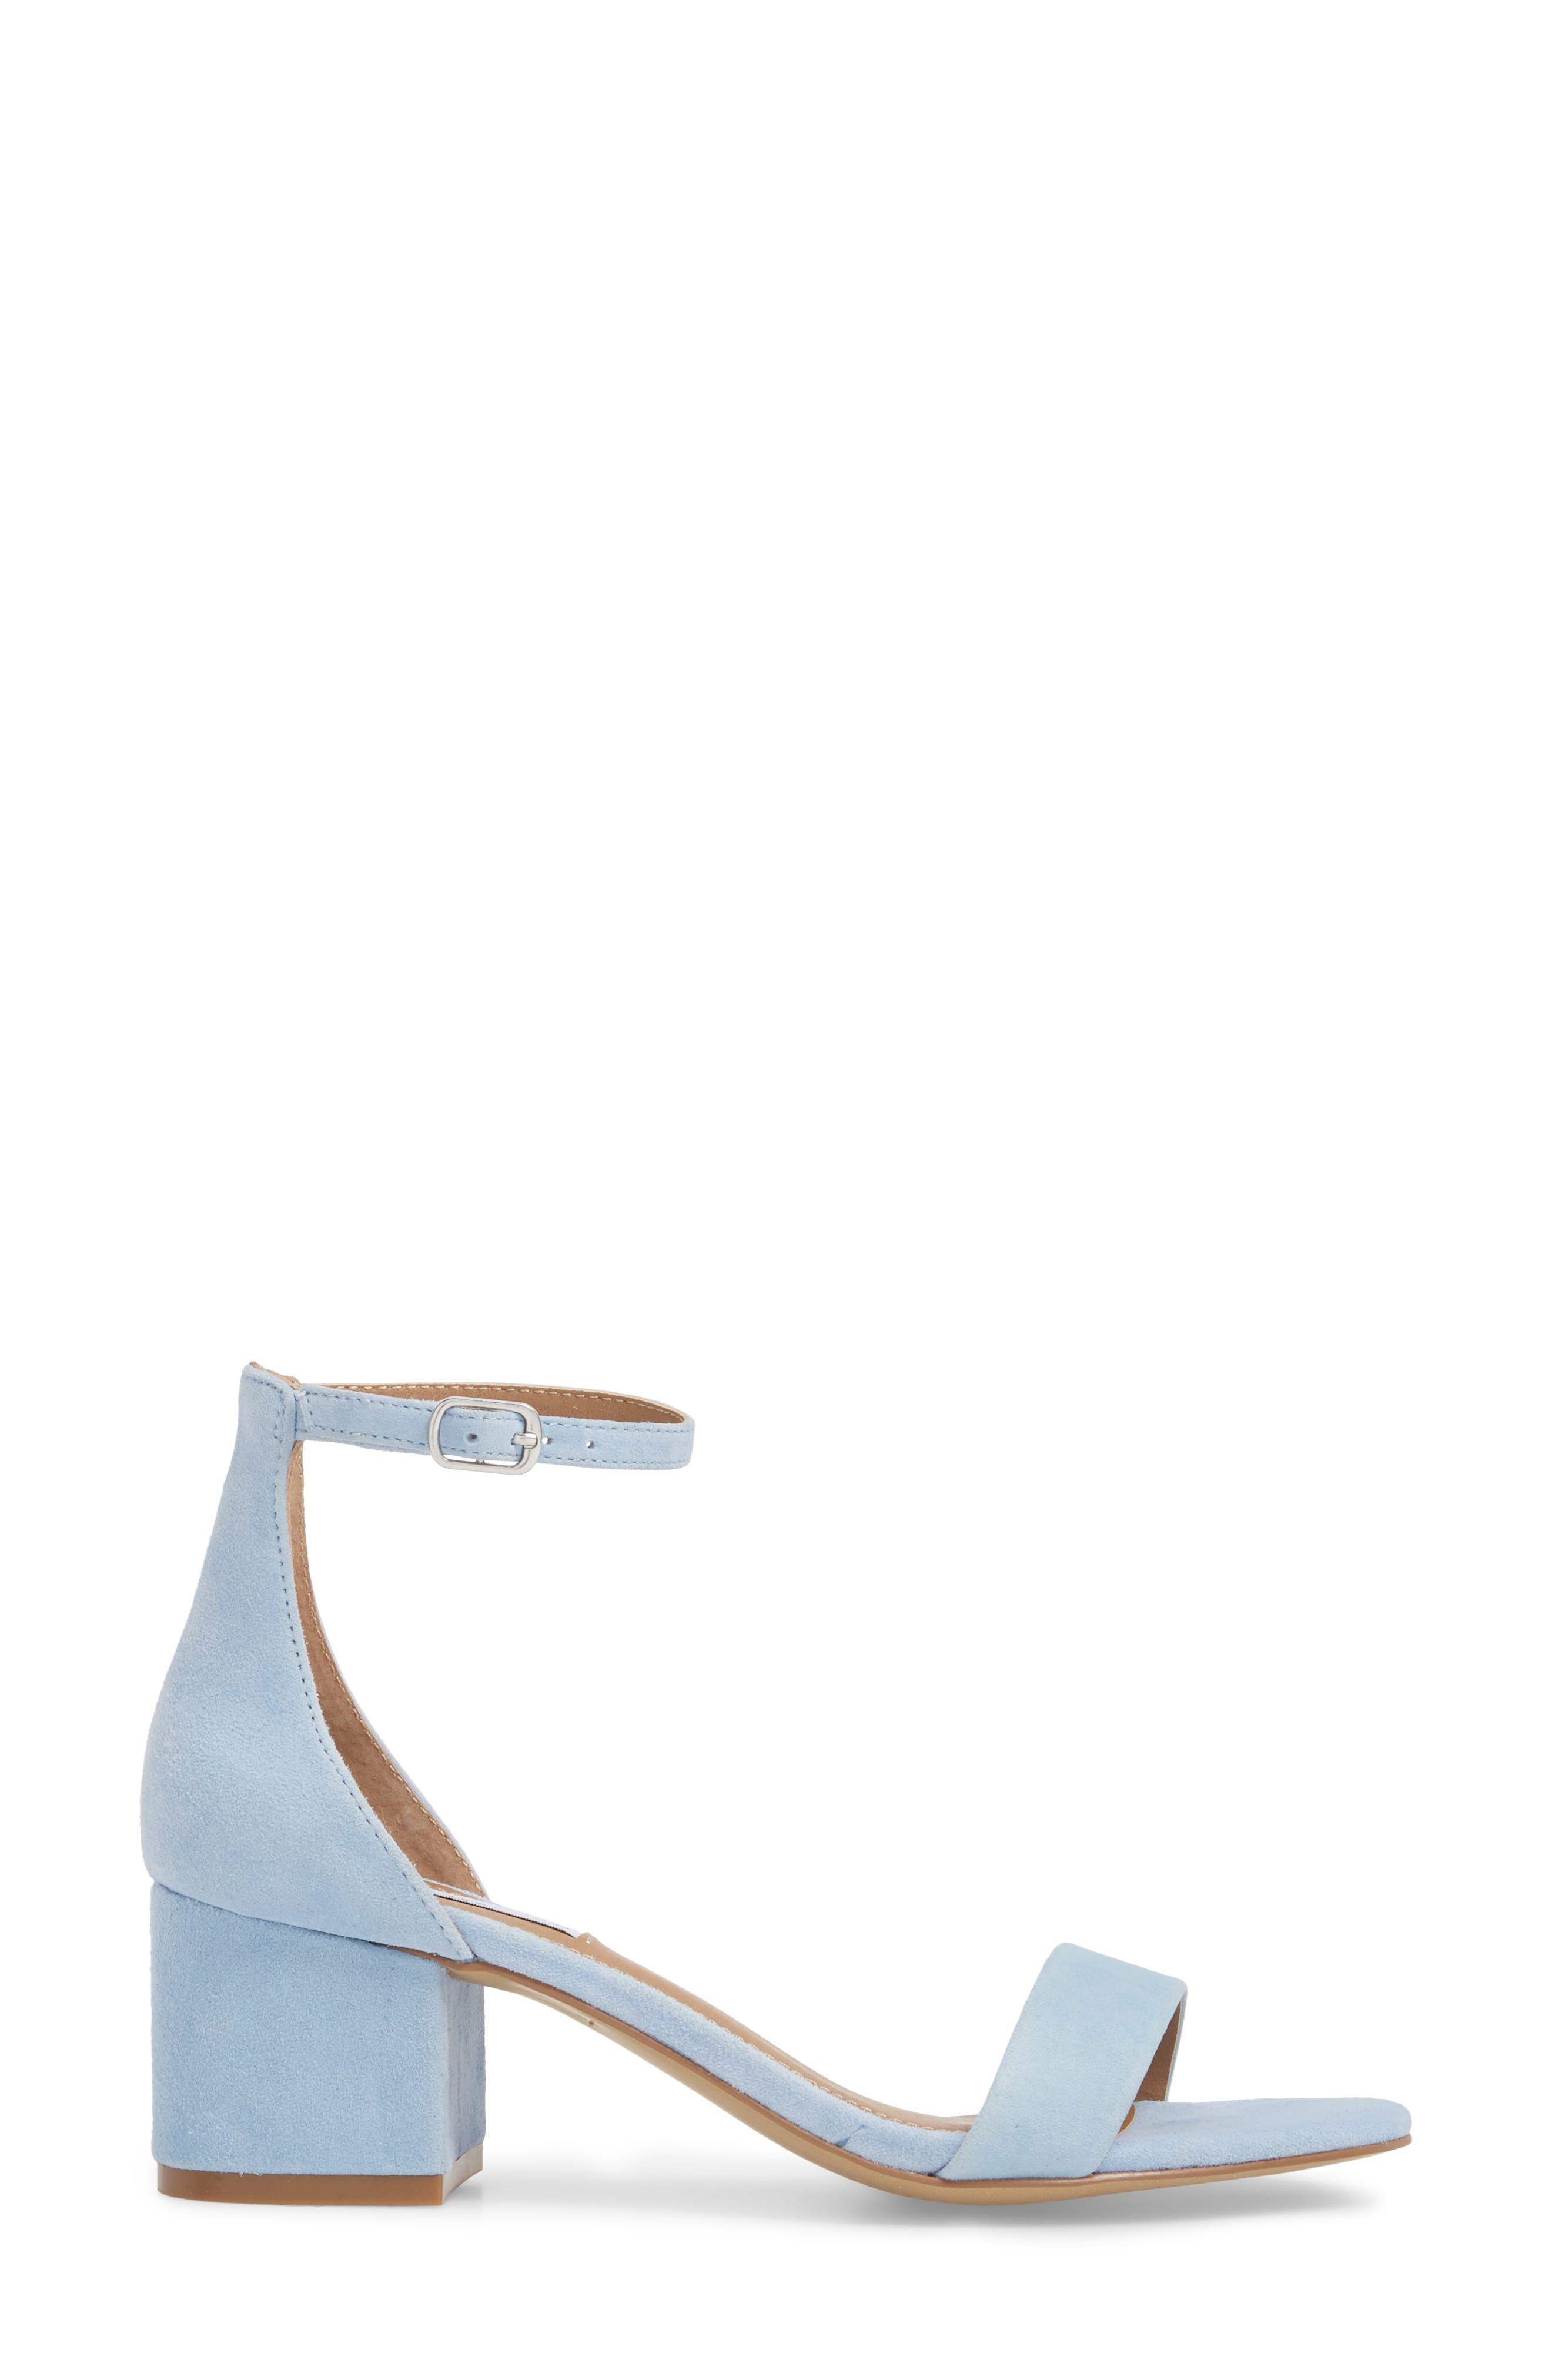 Irenee Ankle Strap Sandal,                             Alternate thumbnail 66, color,